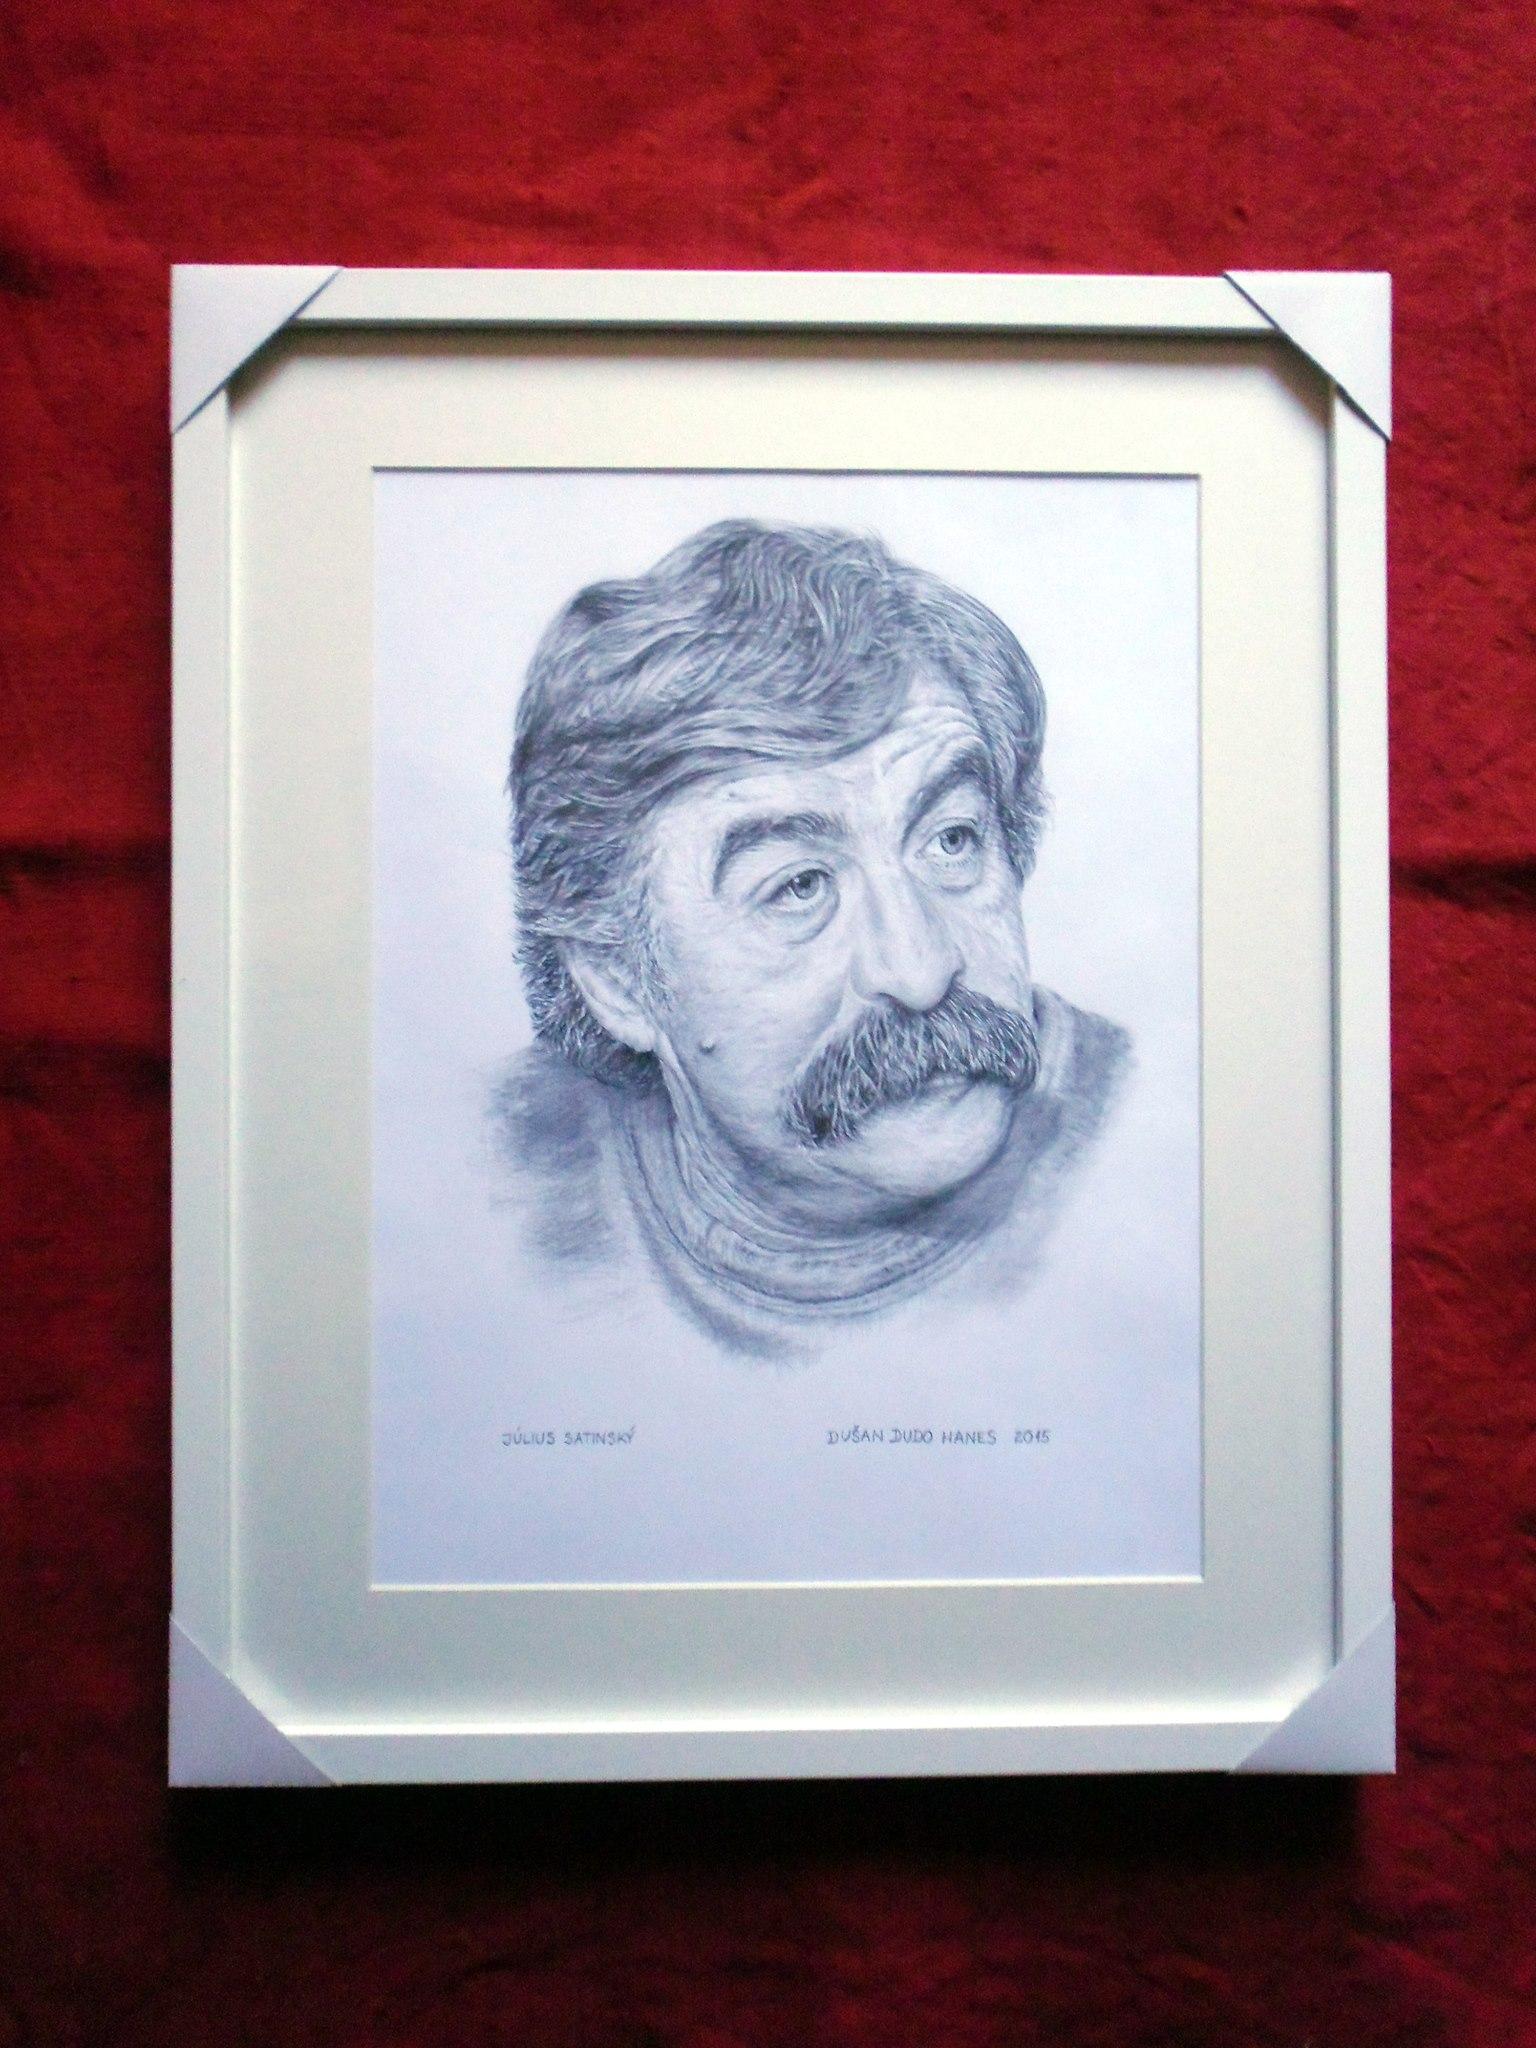 224 - Július Satinský. Portrét v ráme, Dušan Dudo Hanes